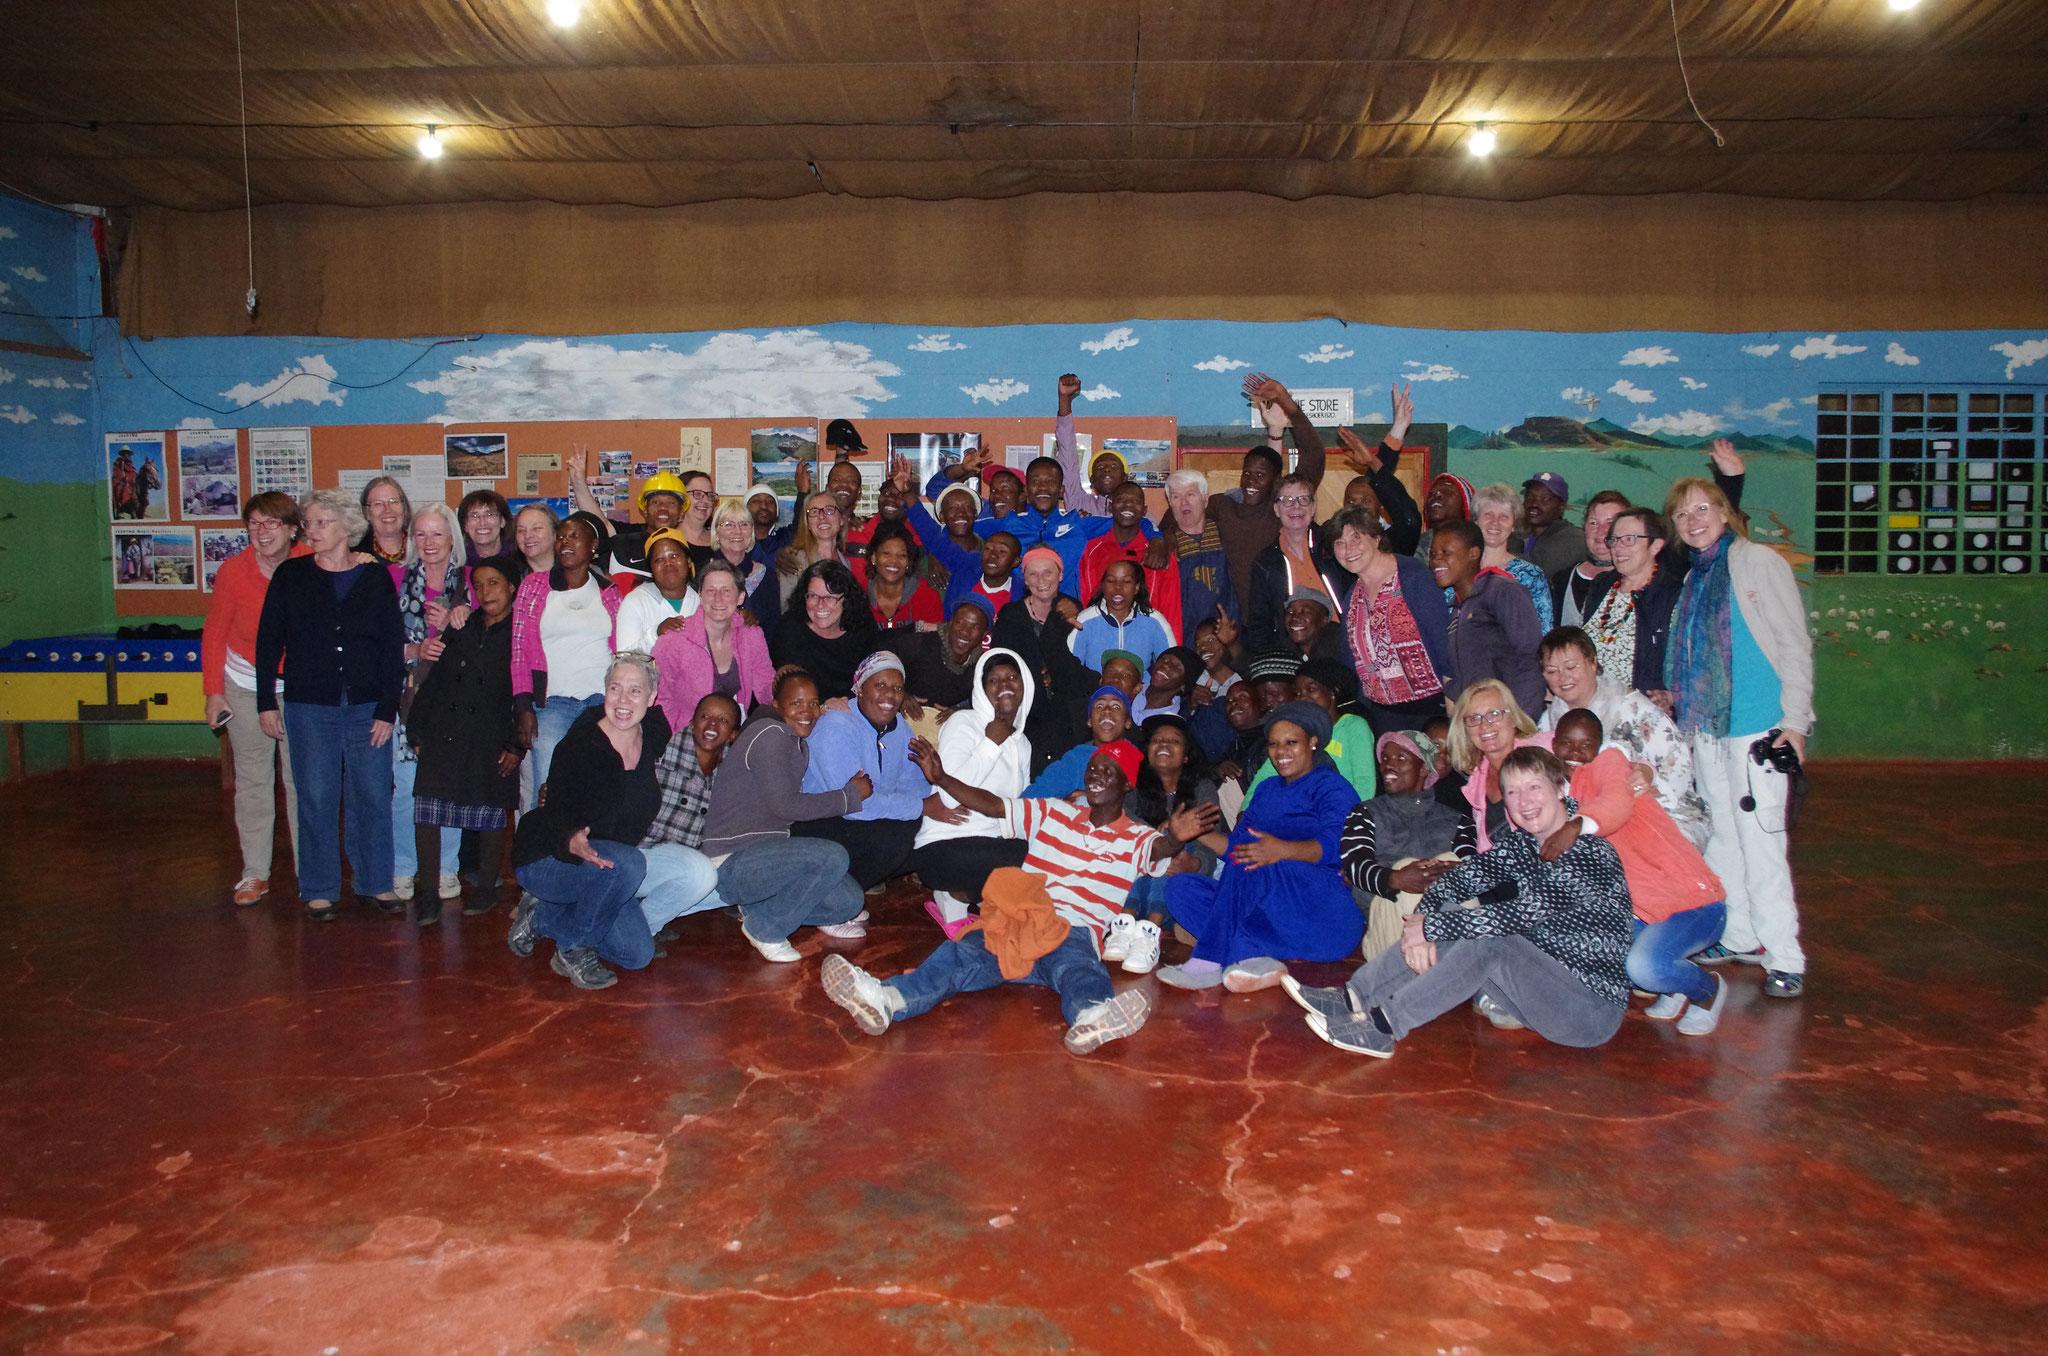 Chorprobe dreier Nationen: Deutschland, Lesotho & Südafrika